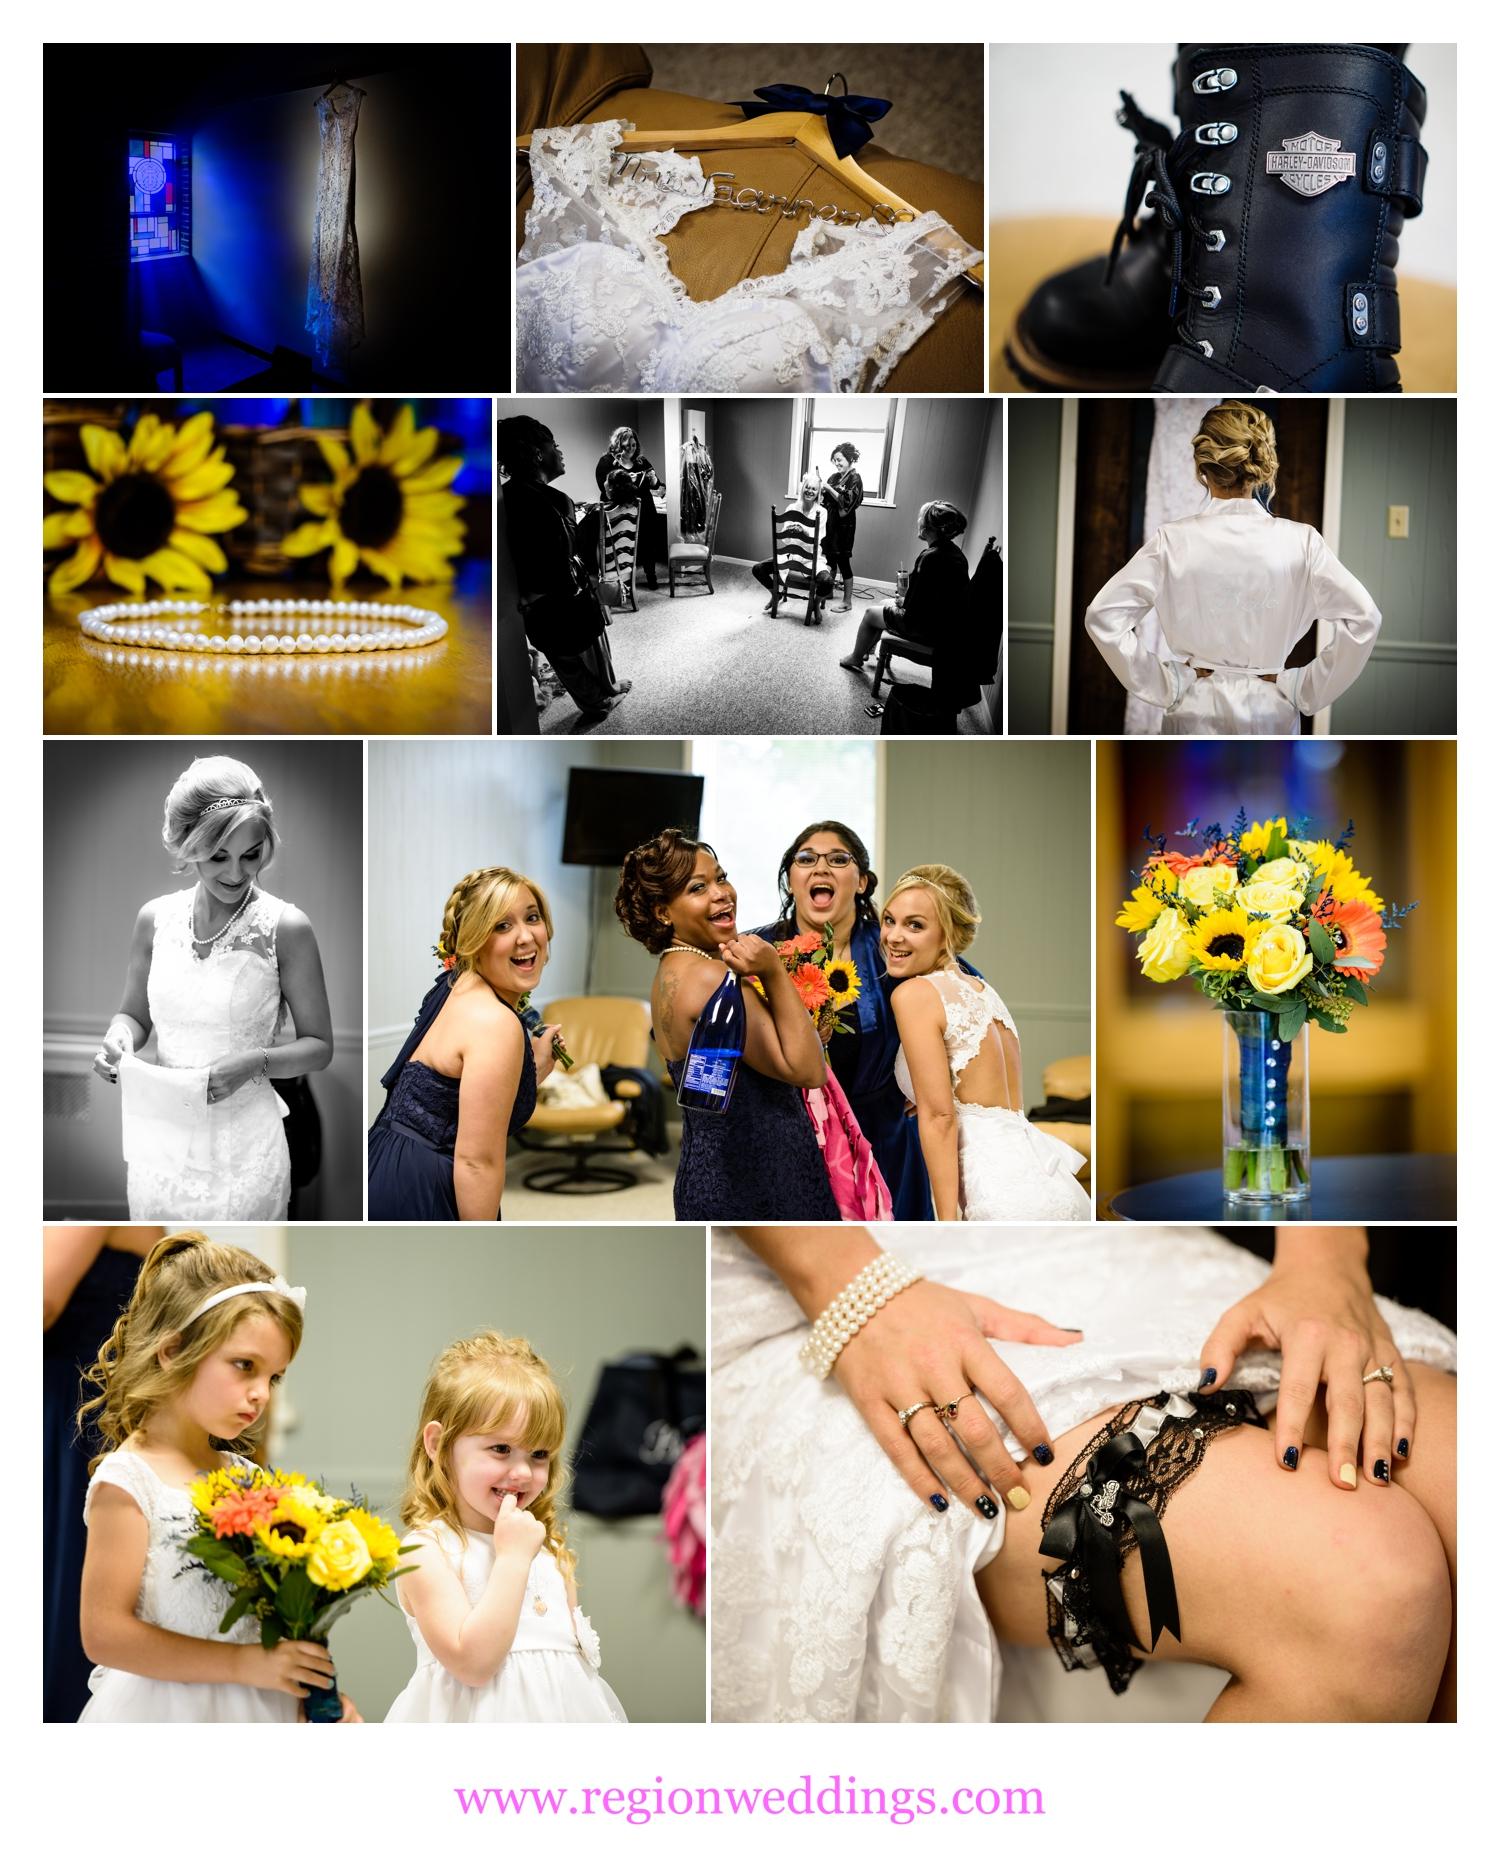 Getting ready on wedding day at Dyer United Methodist Church.